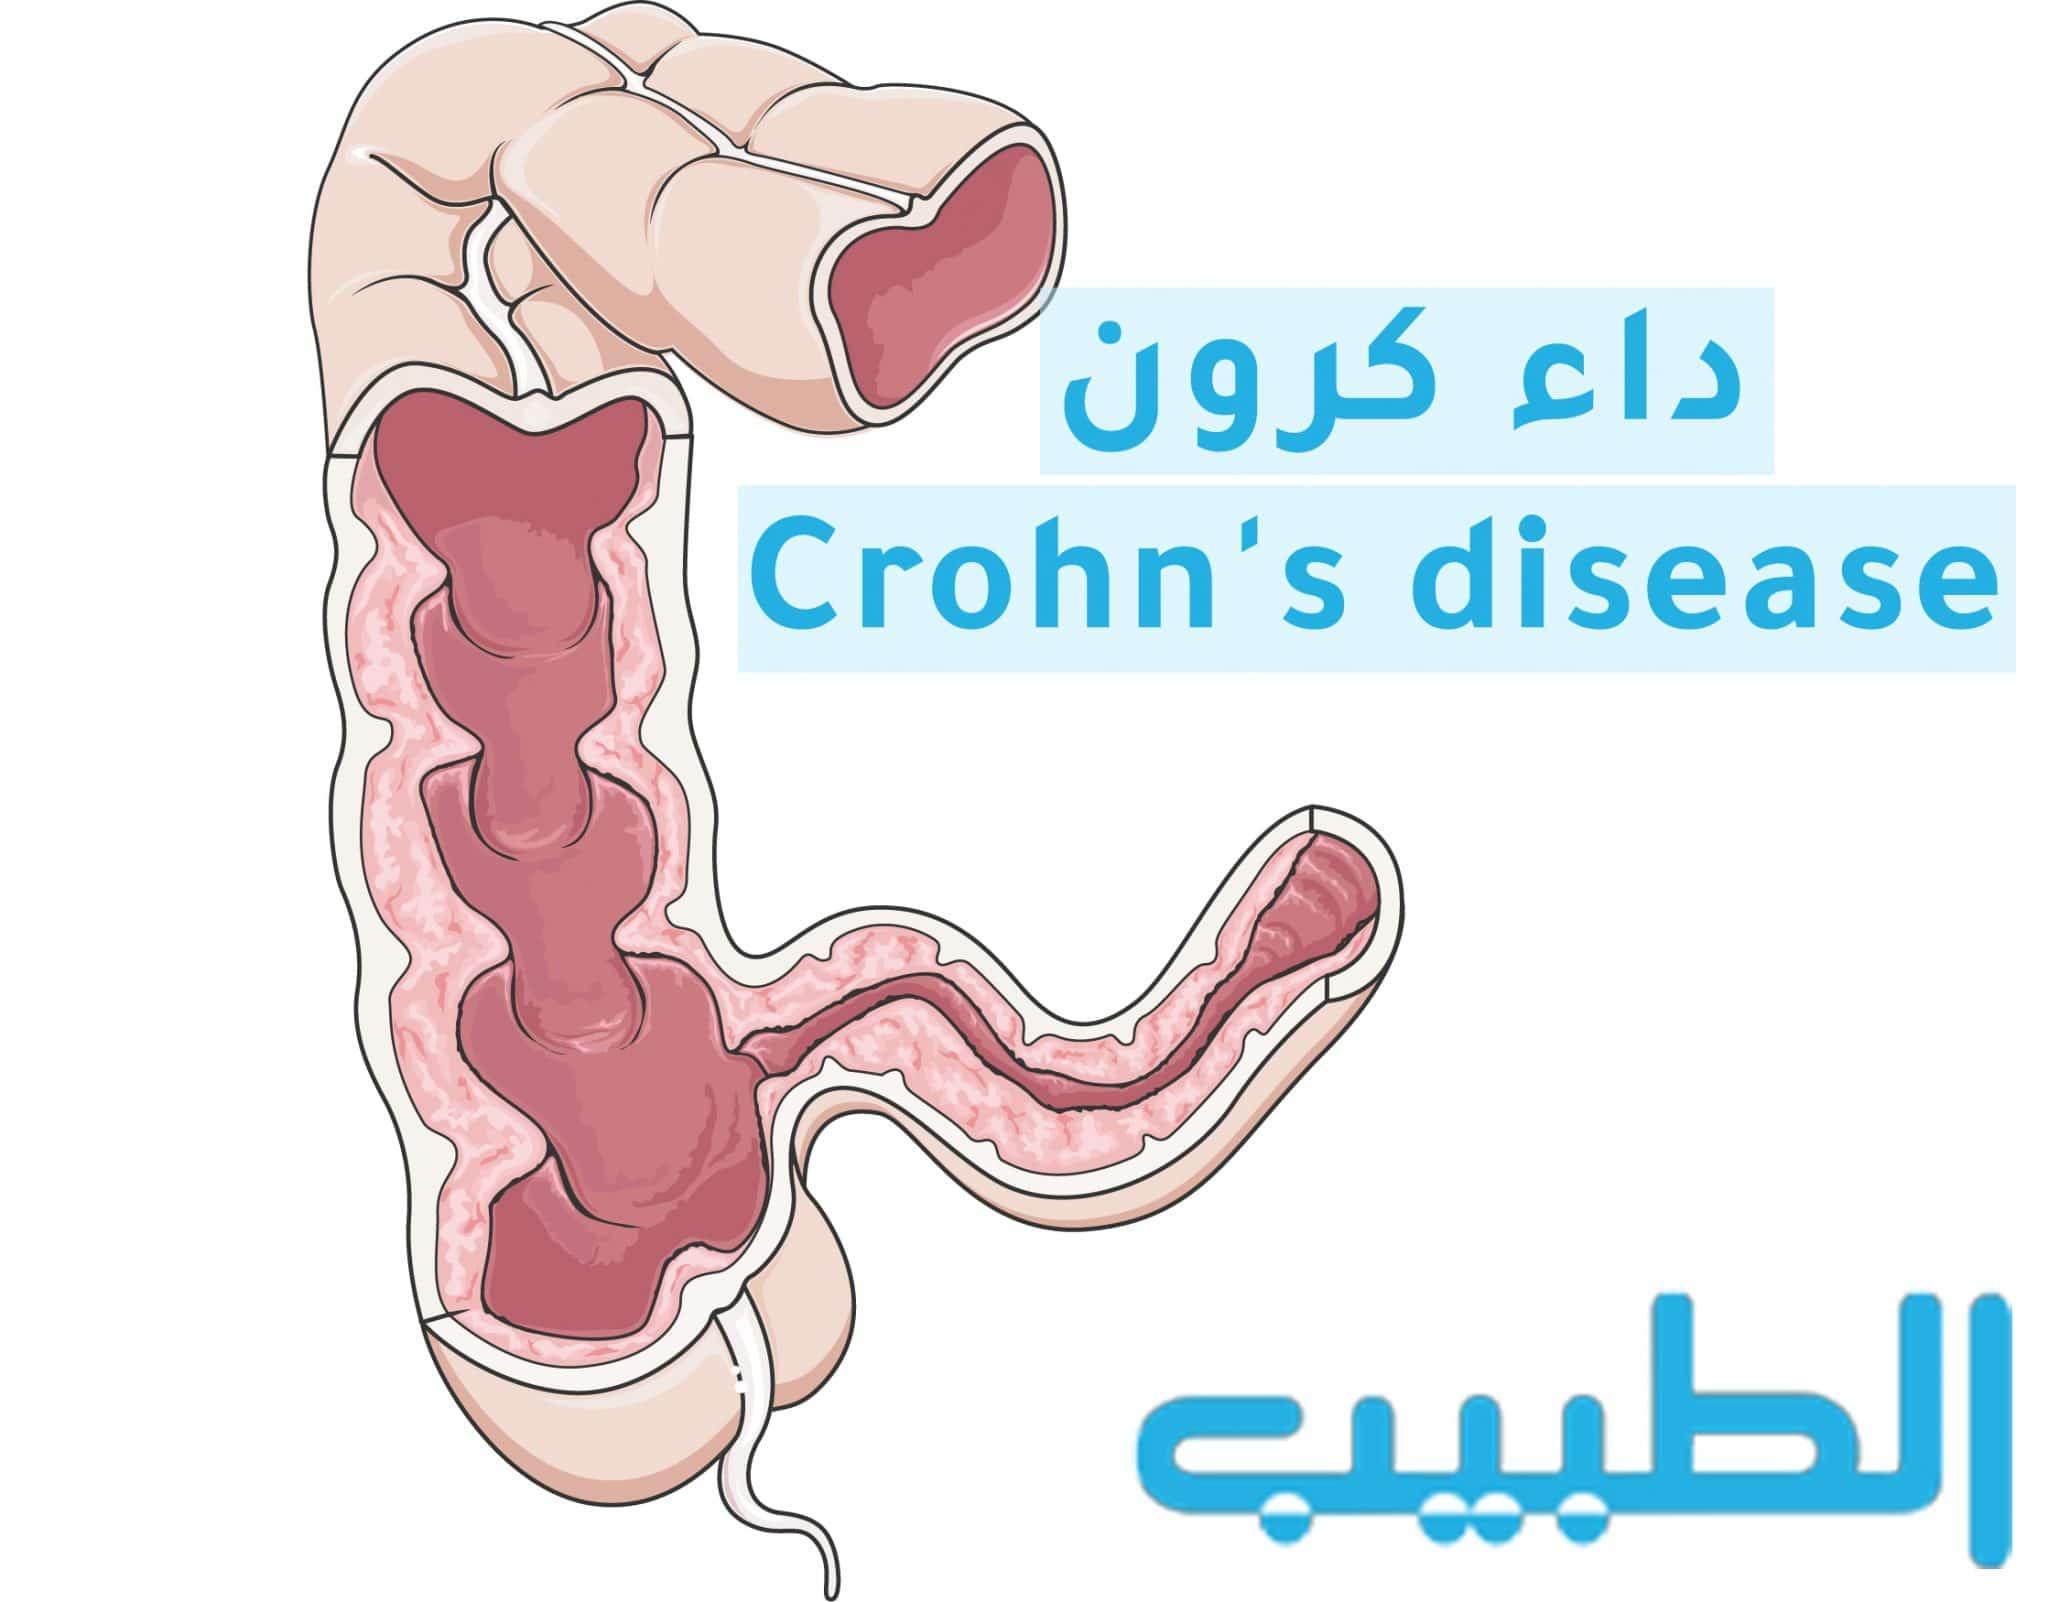 Colon Crohn